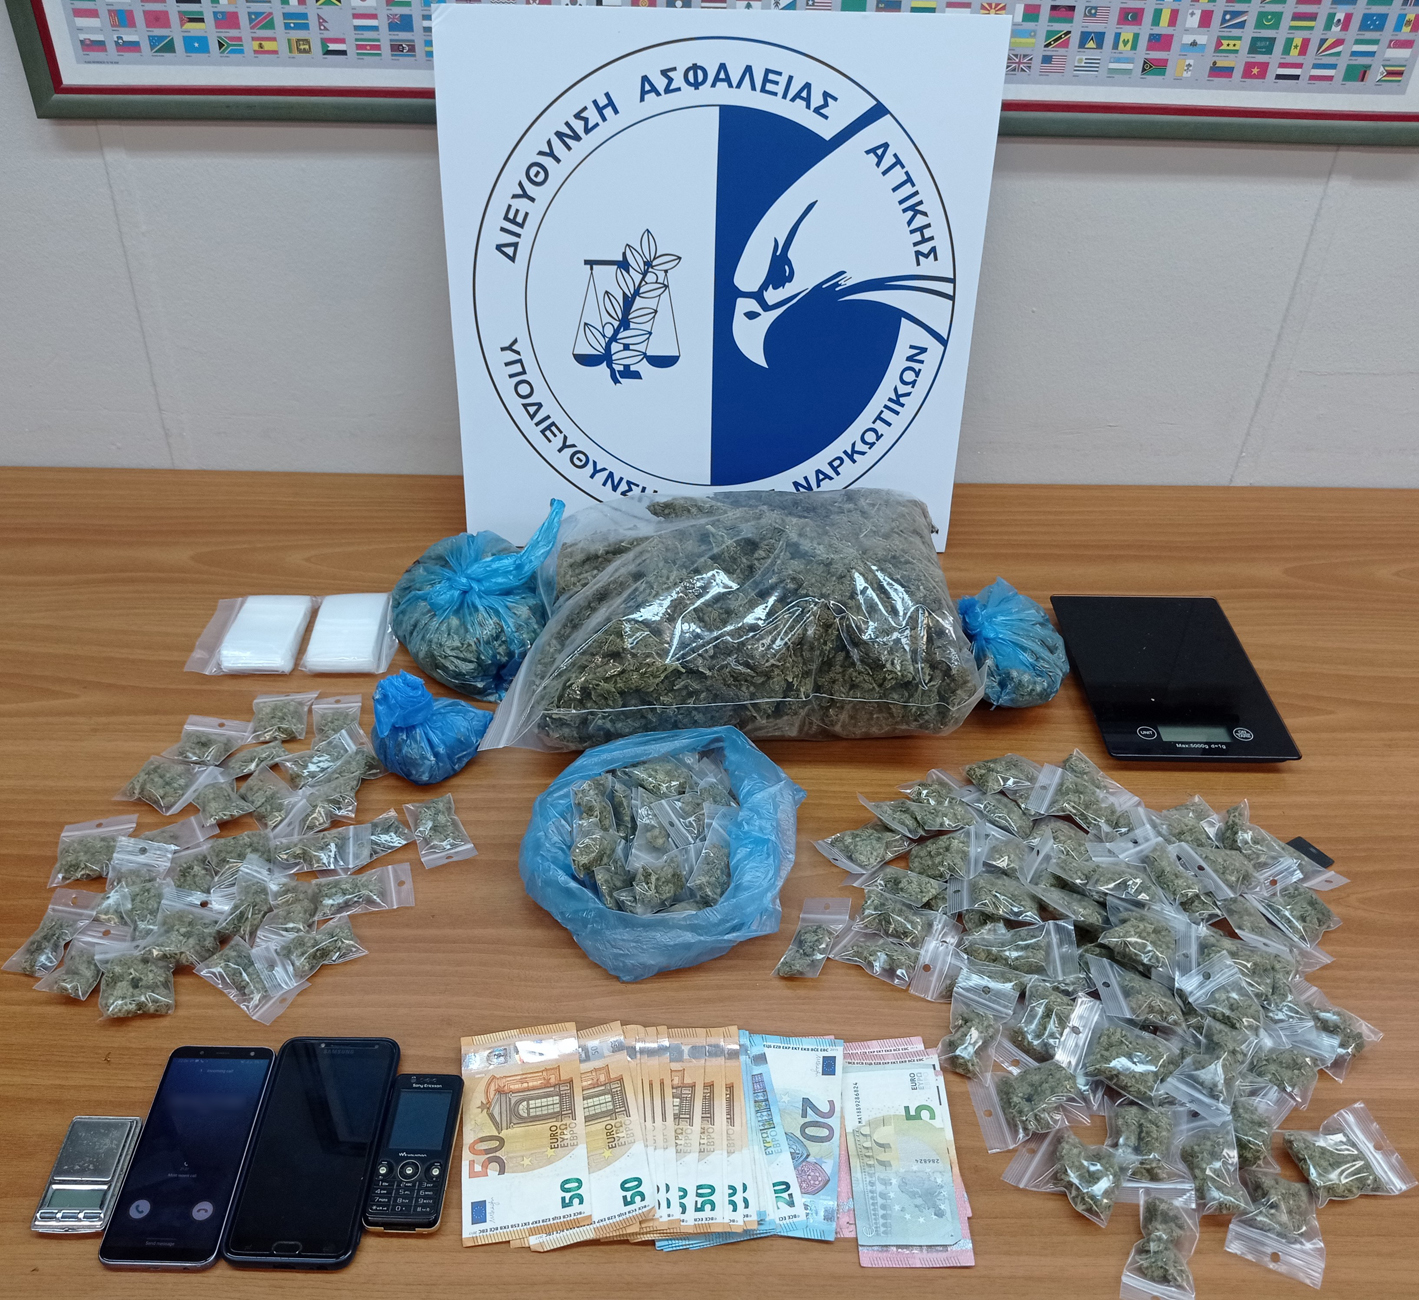 Νέες συλλήψεις για ναρκωτικά στο κέντρο της Αθήνας